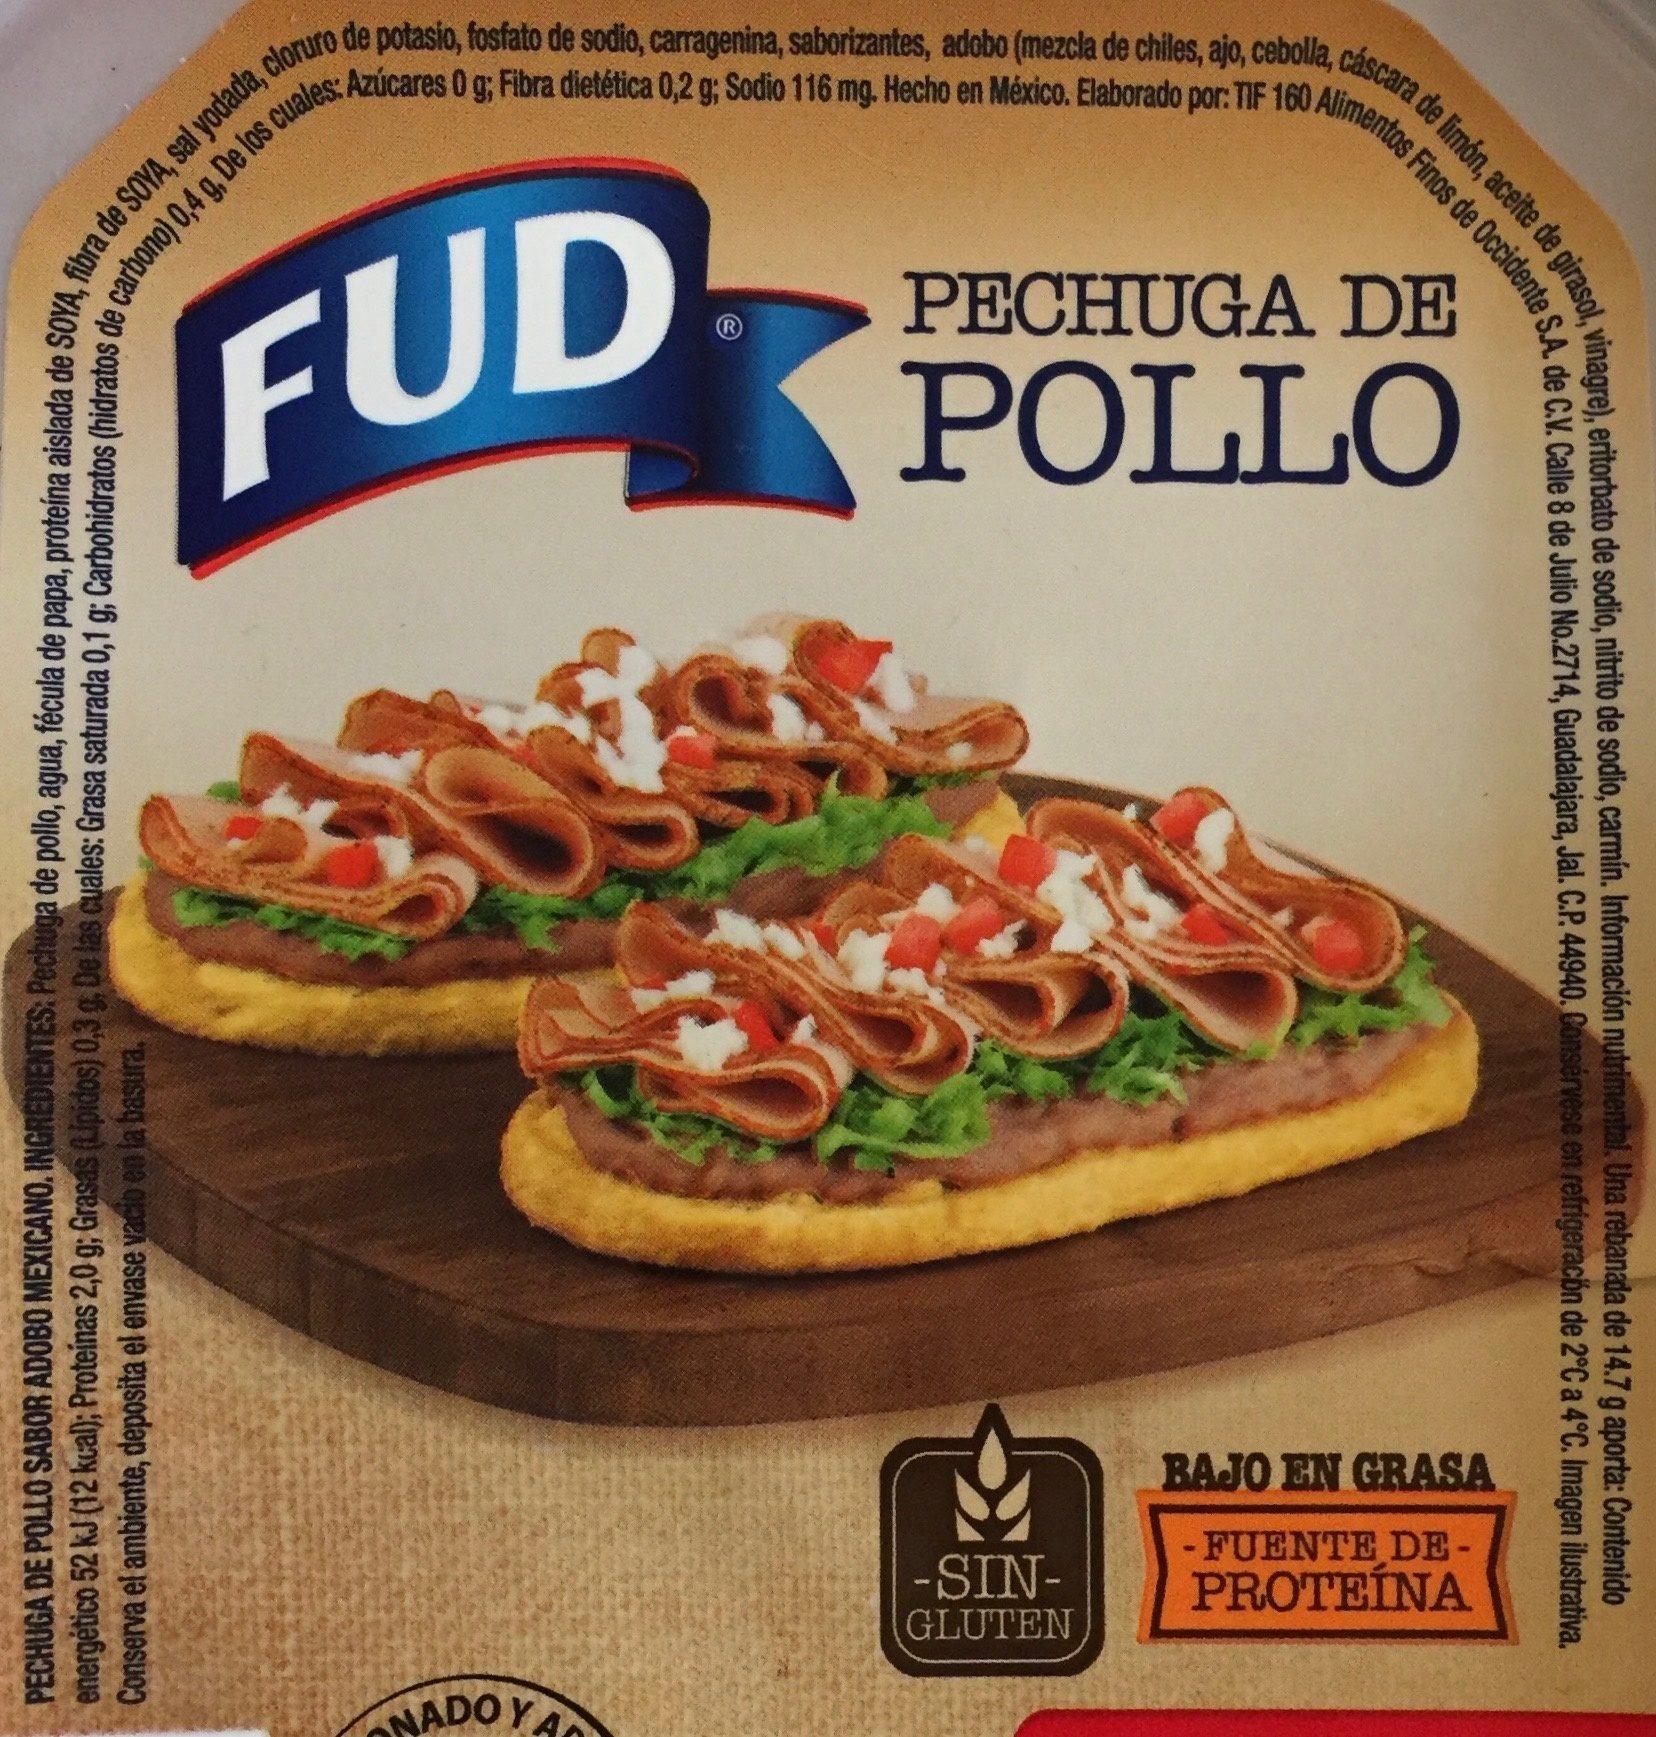 Pechuga de Pollo Adobo Mexicano FUD - Ingredientes - es